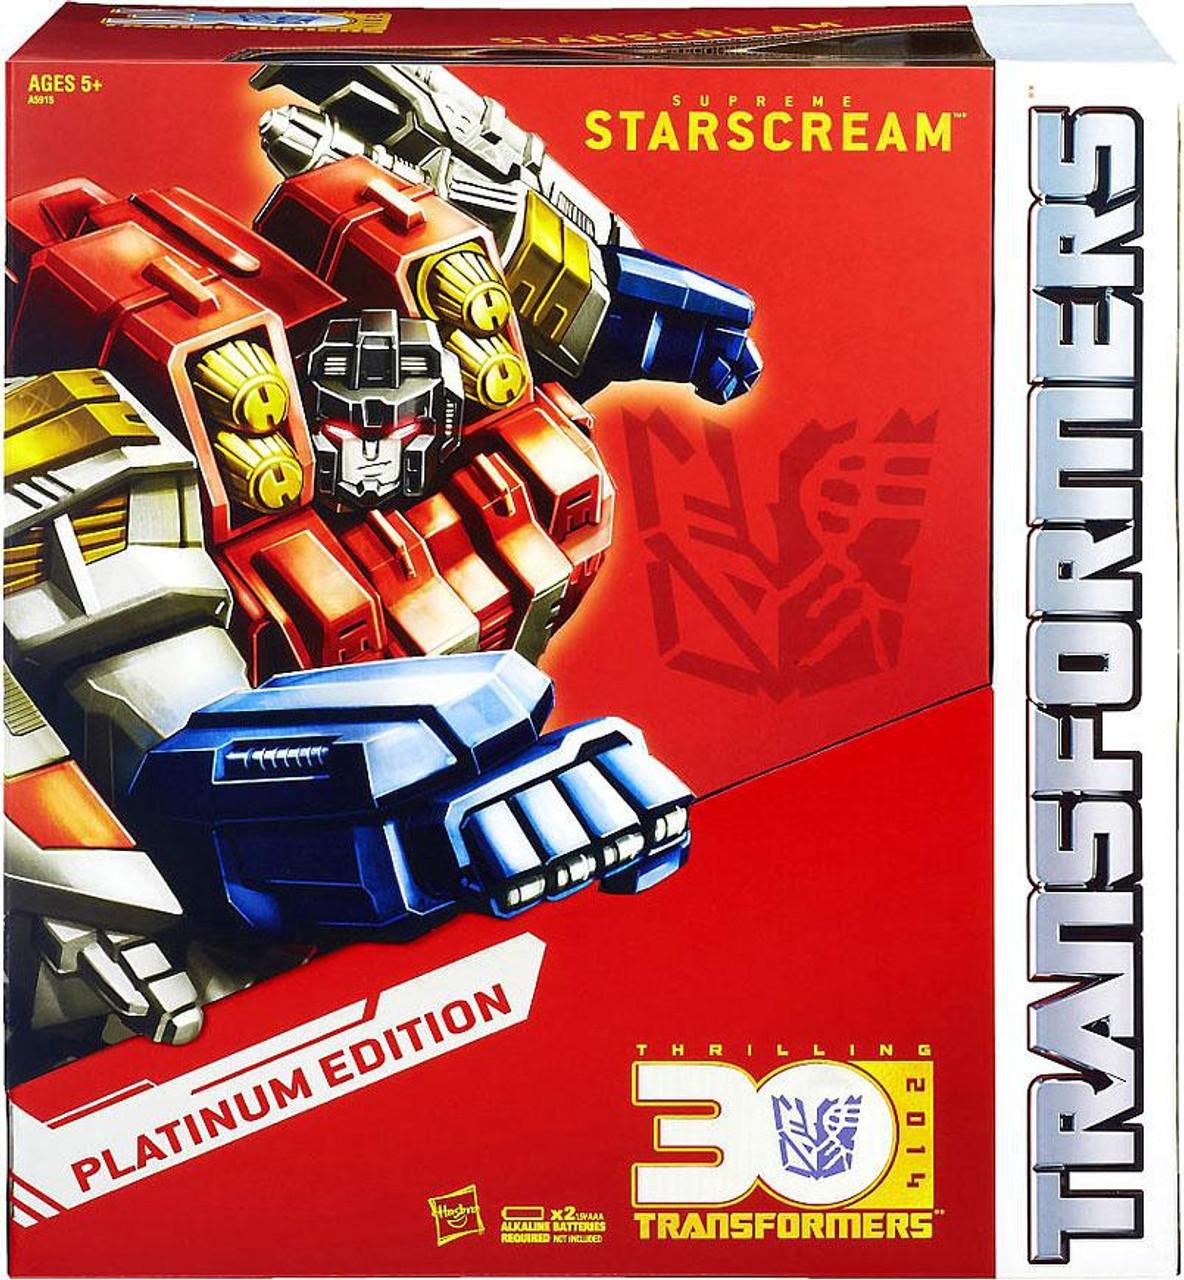 Edition Platinum: Transformers Platinum Edition Supreme Starscream Exclusive